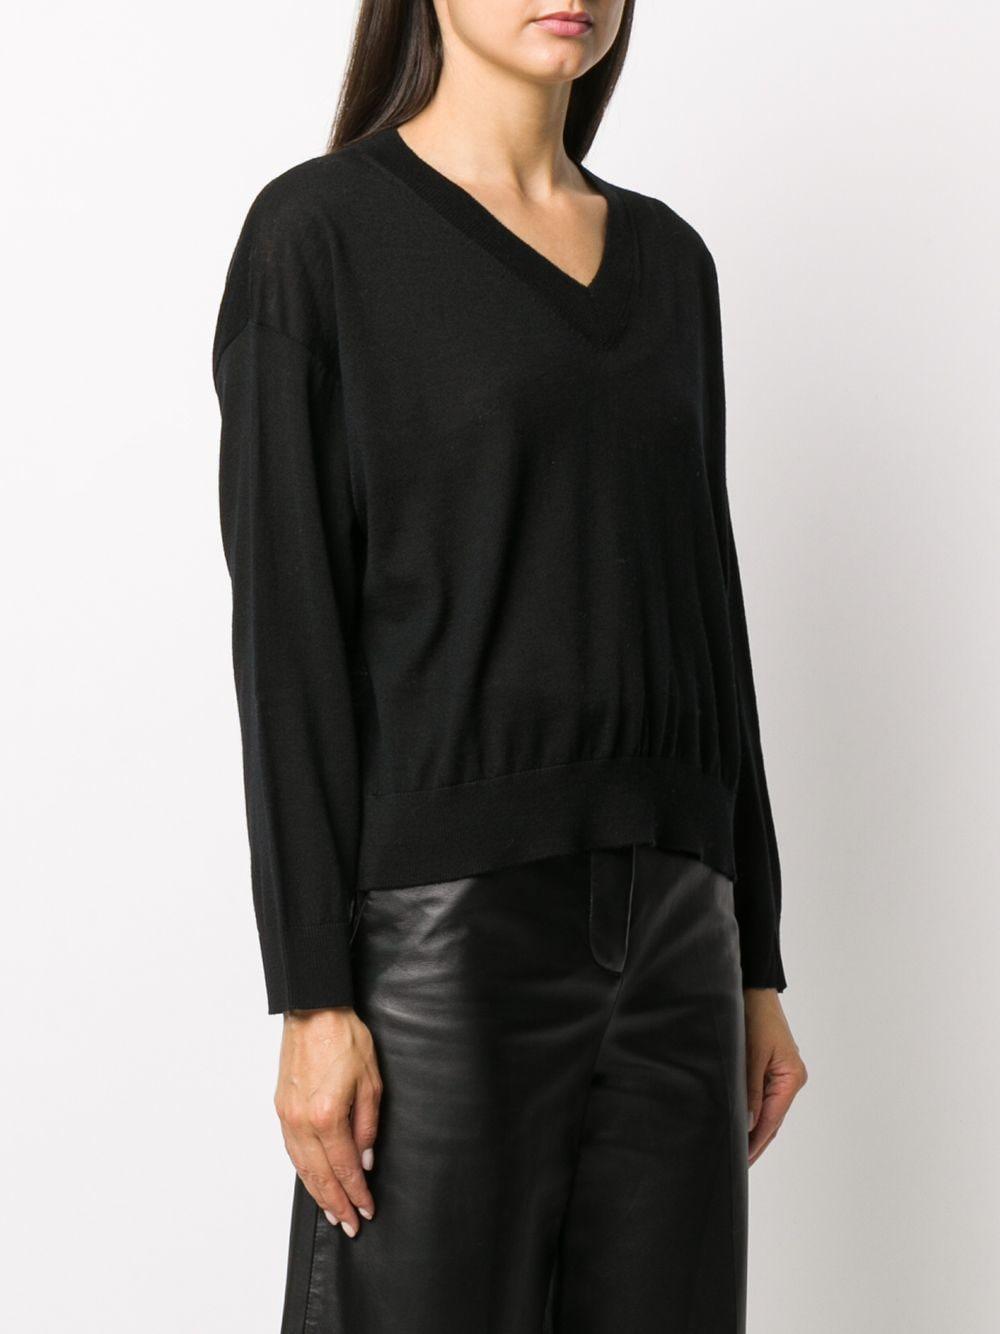 Black rib-trimmed virgin wool jumper featuring V-neck ALTEA |  | 206152790